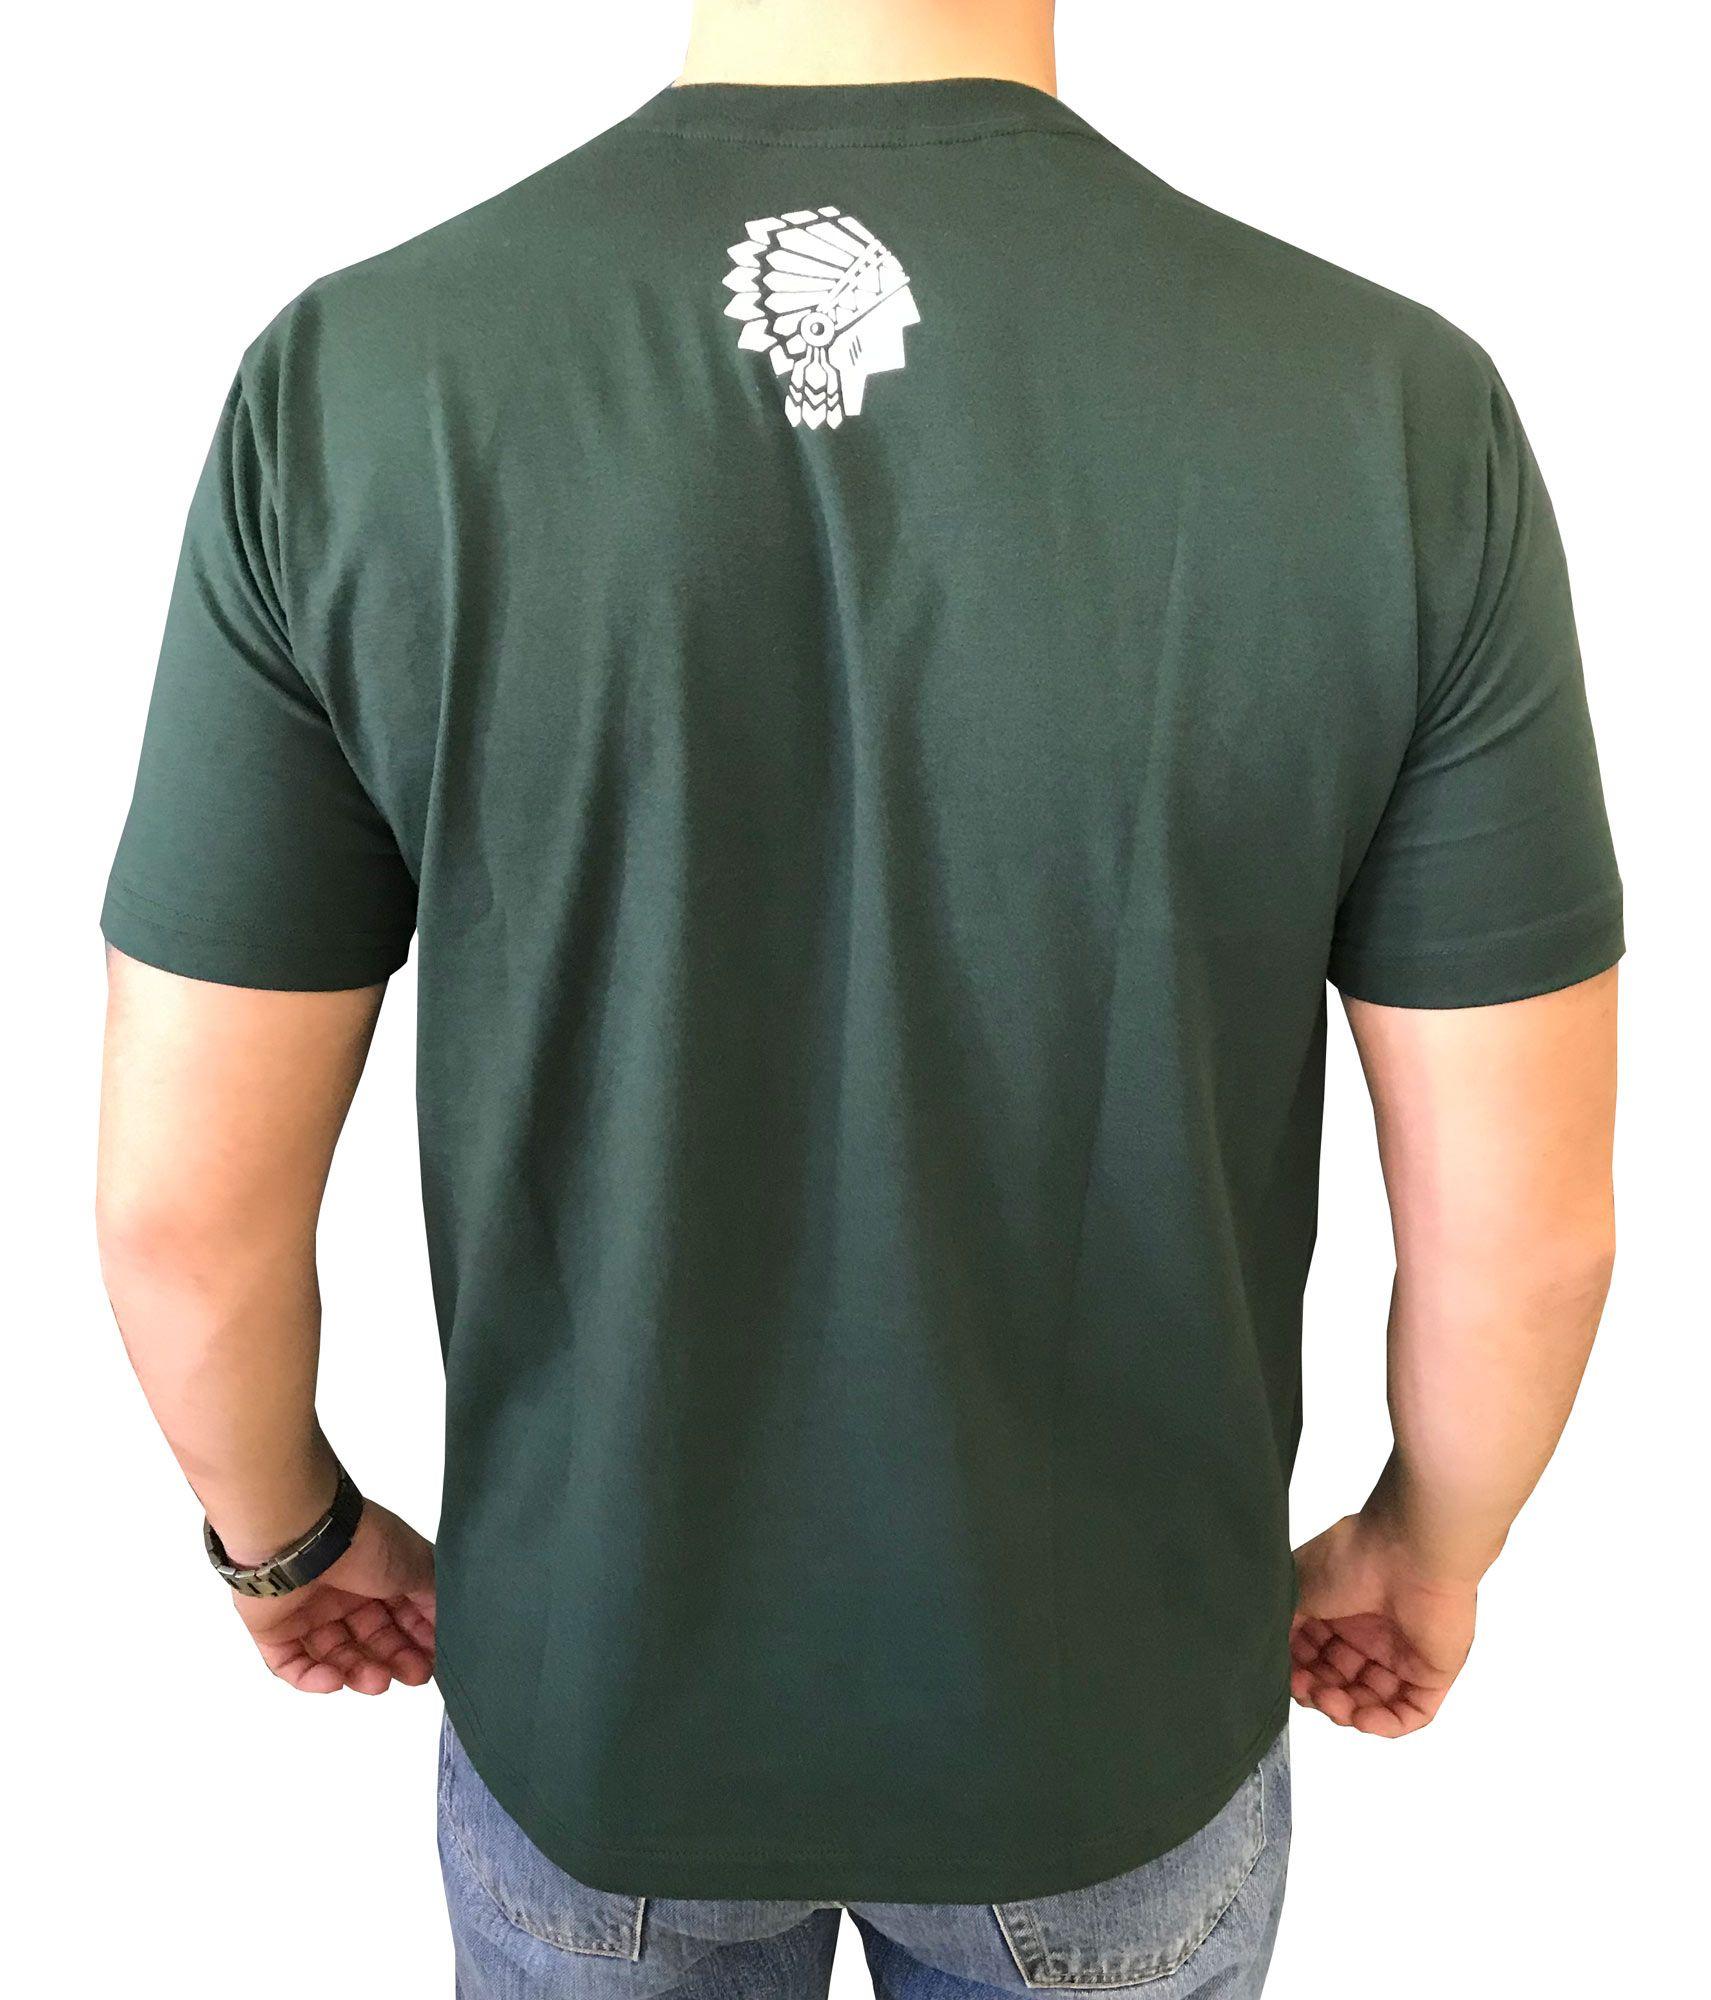 Camiseta Masculina Spirit West Verde Escrita Branco